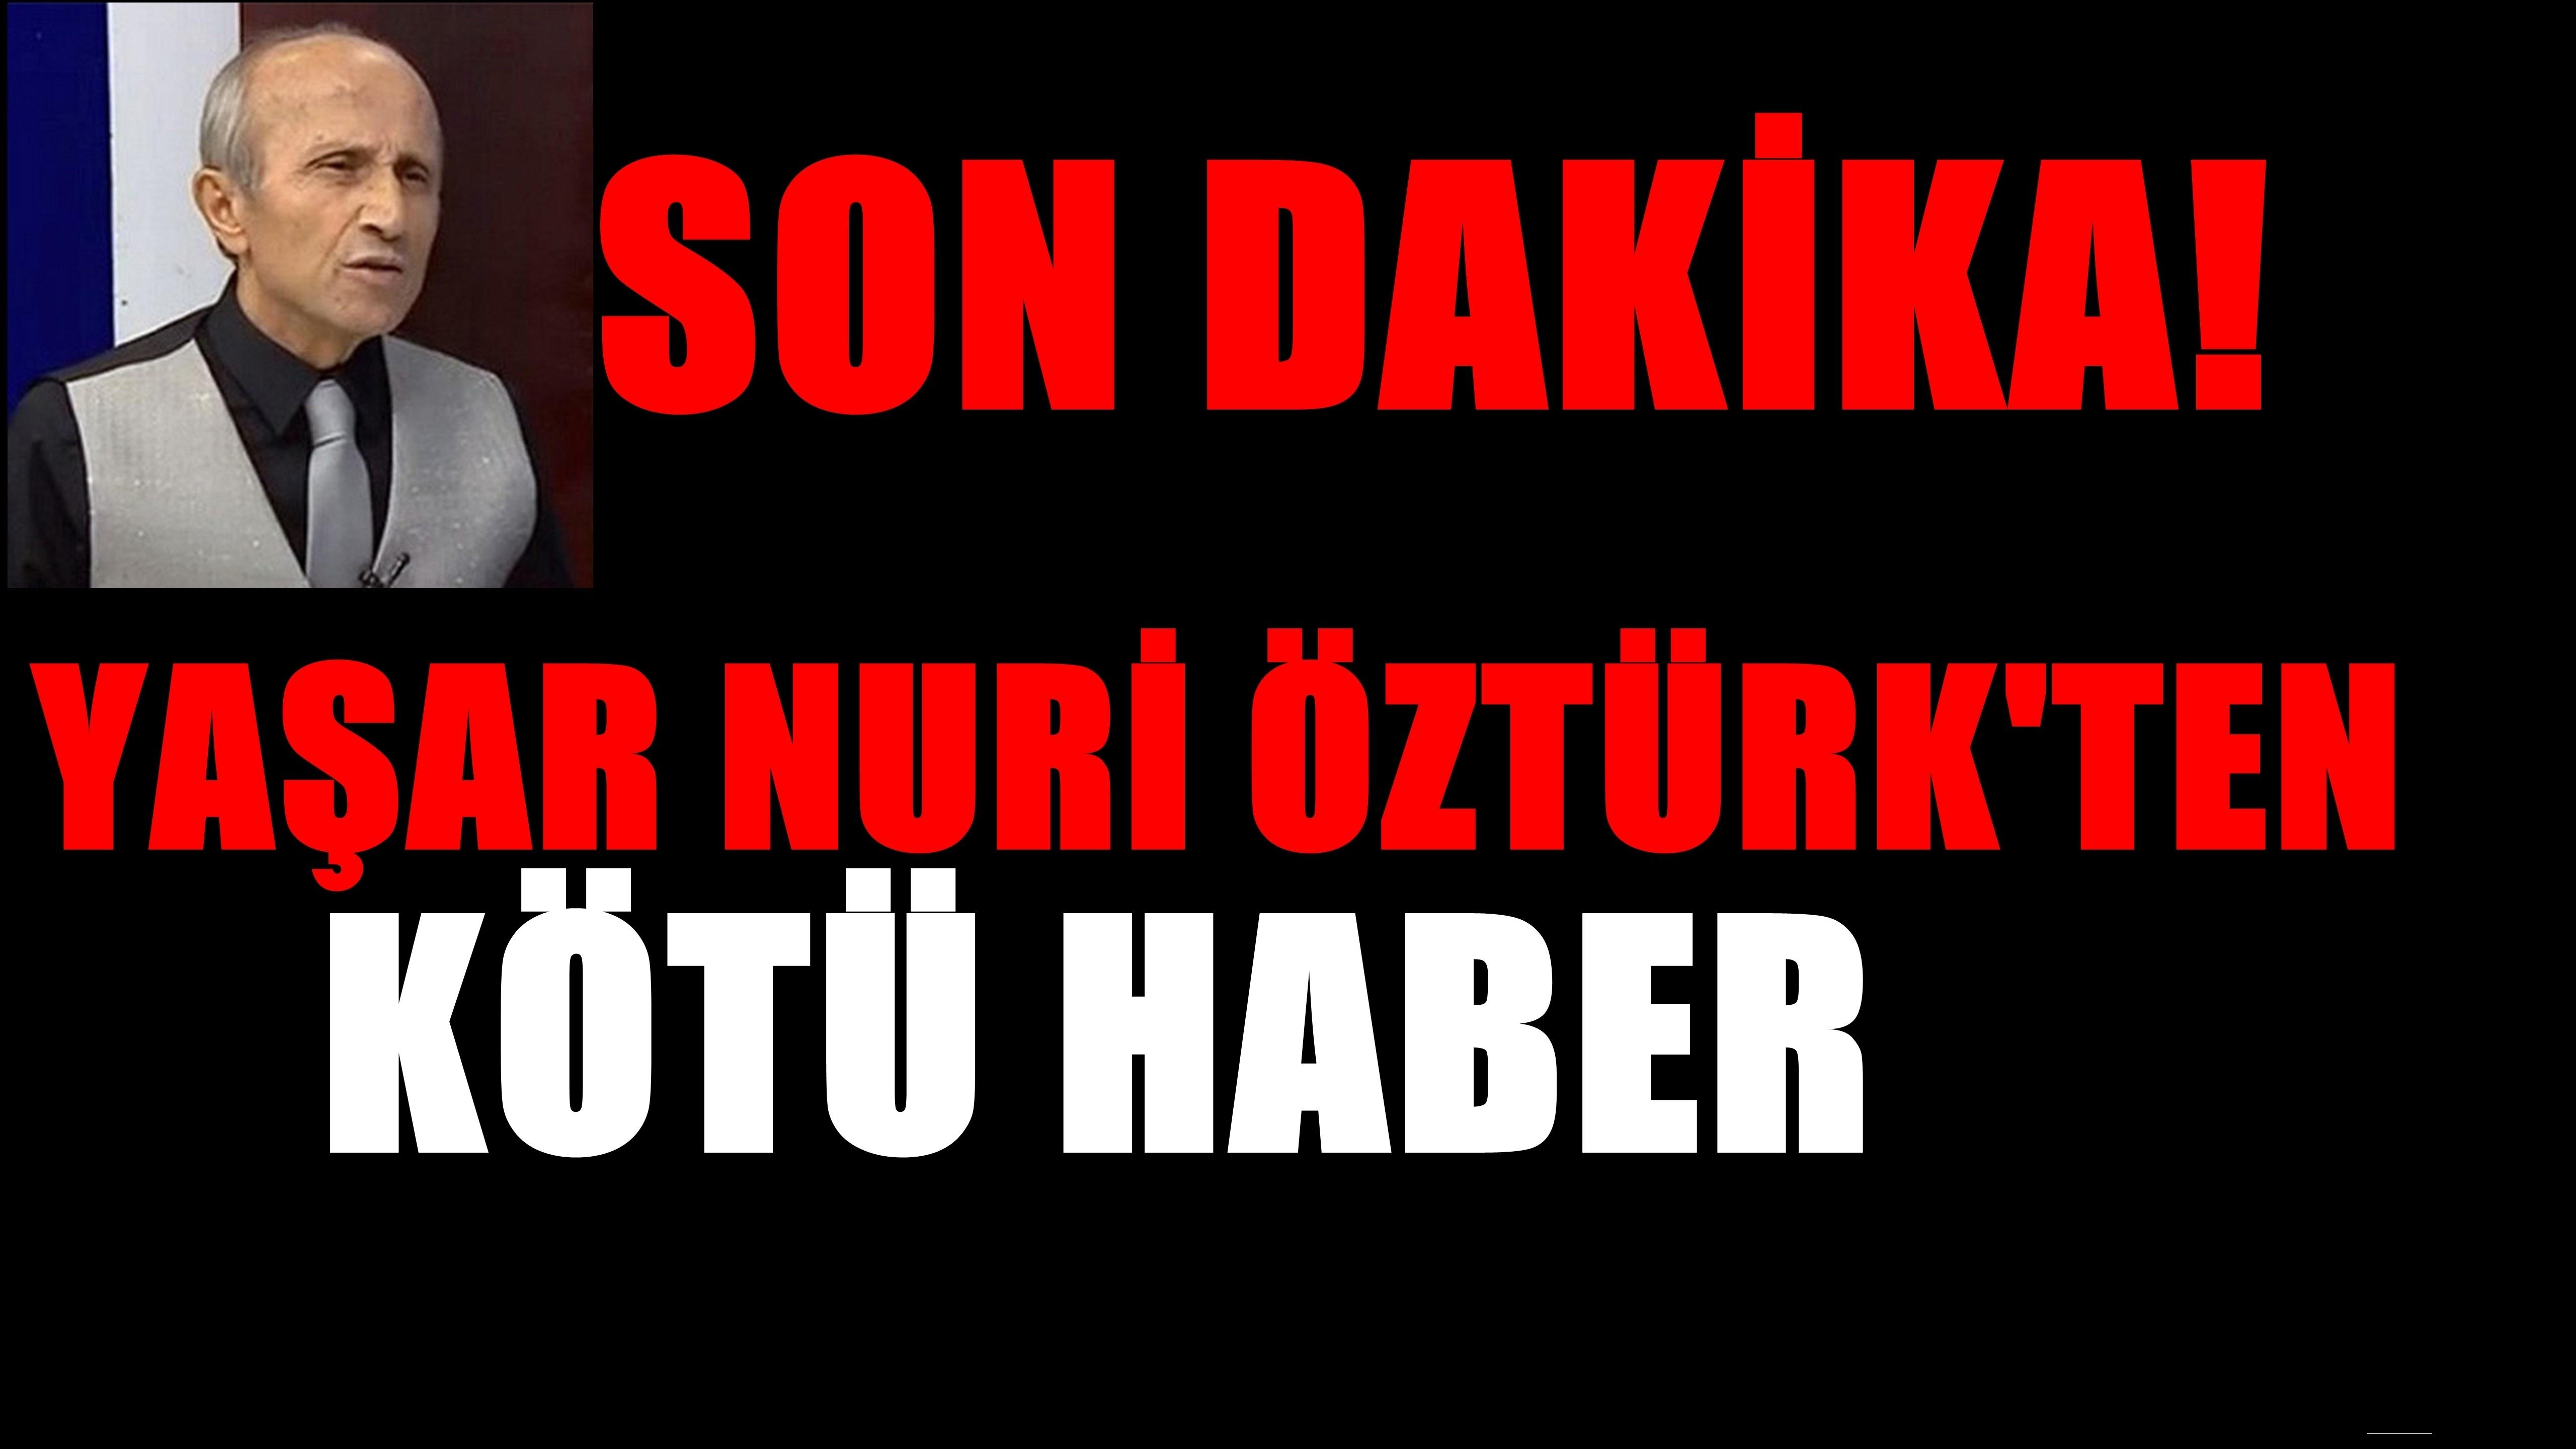 Yaşar Nuri Öztürk'ten Kötü Haber